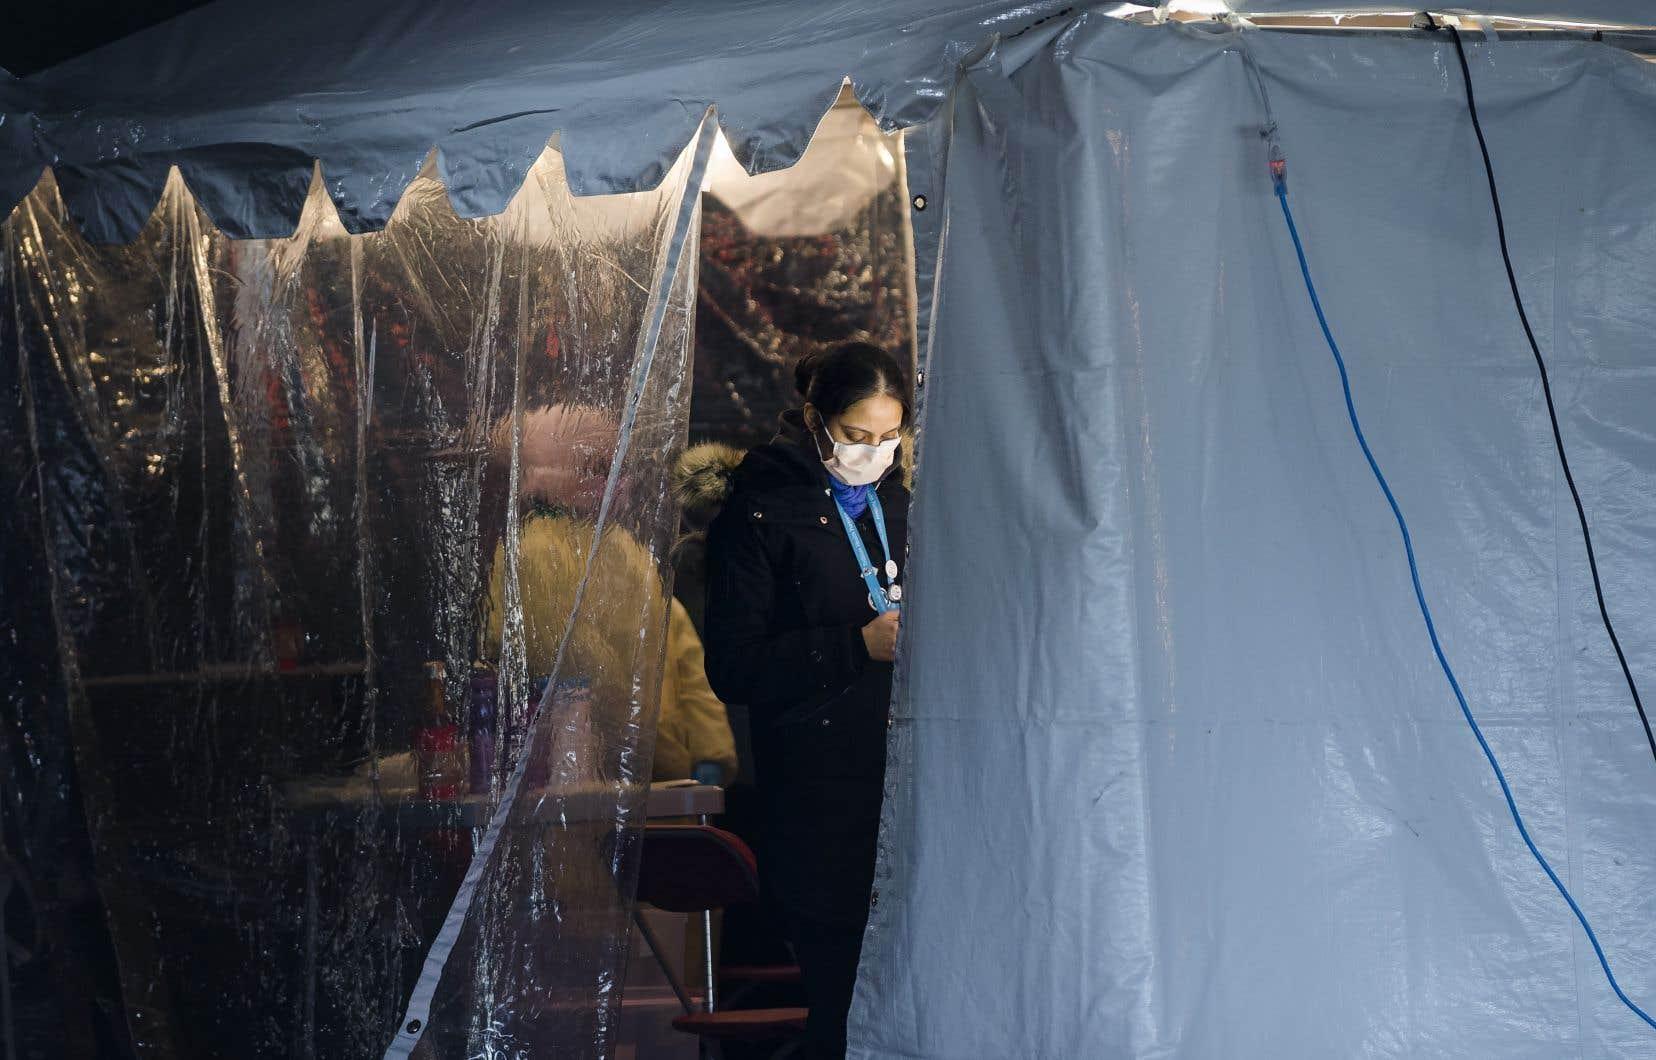 «Le péril pandémique est imminent, mais malheureusement inconnu», dit l'historienneLaurence Monnais.